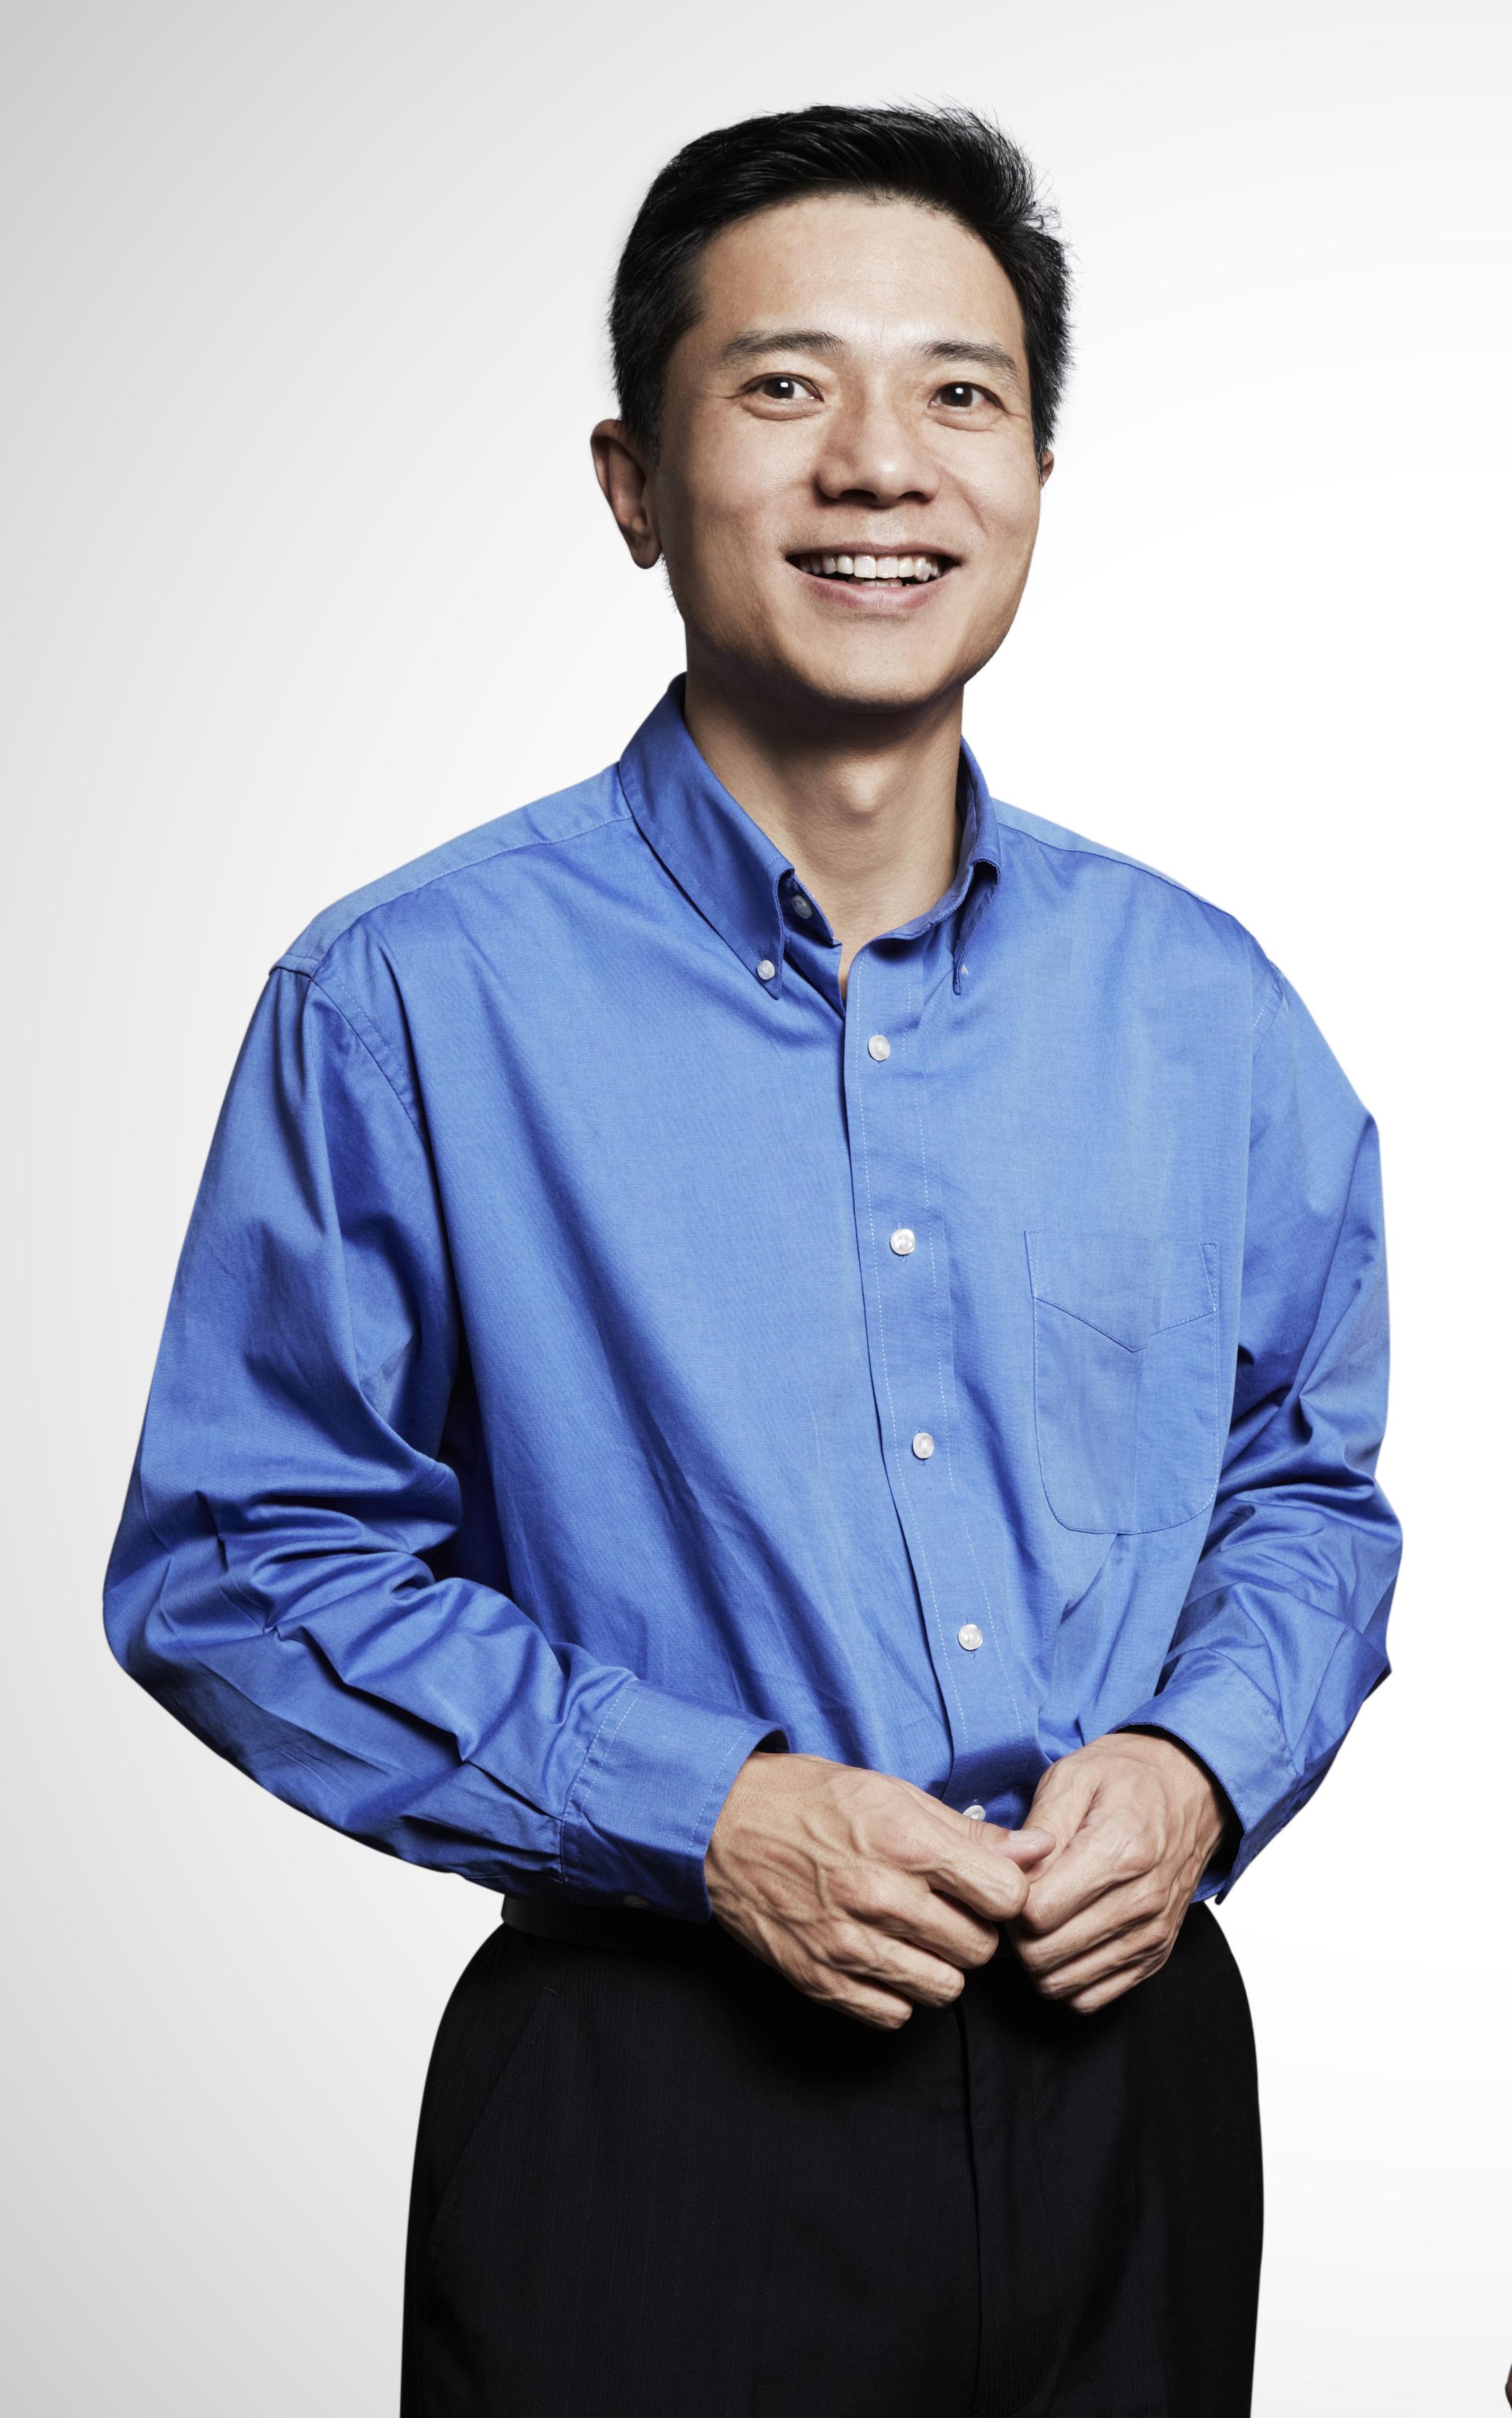 李彦宏:AI企业要构筑安全的数据保护系统来保护隐私